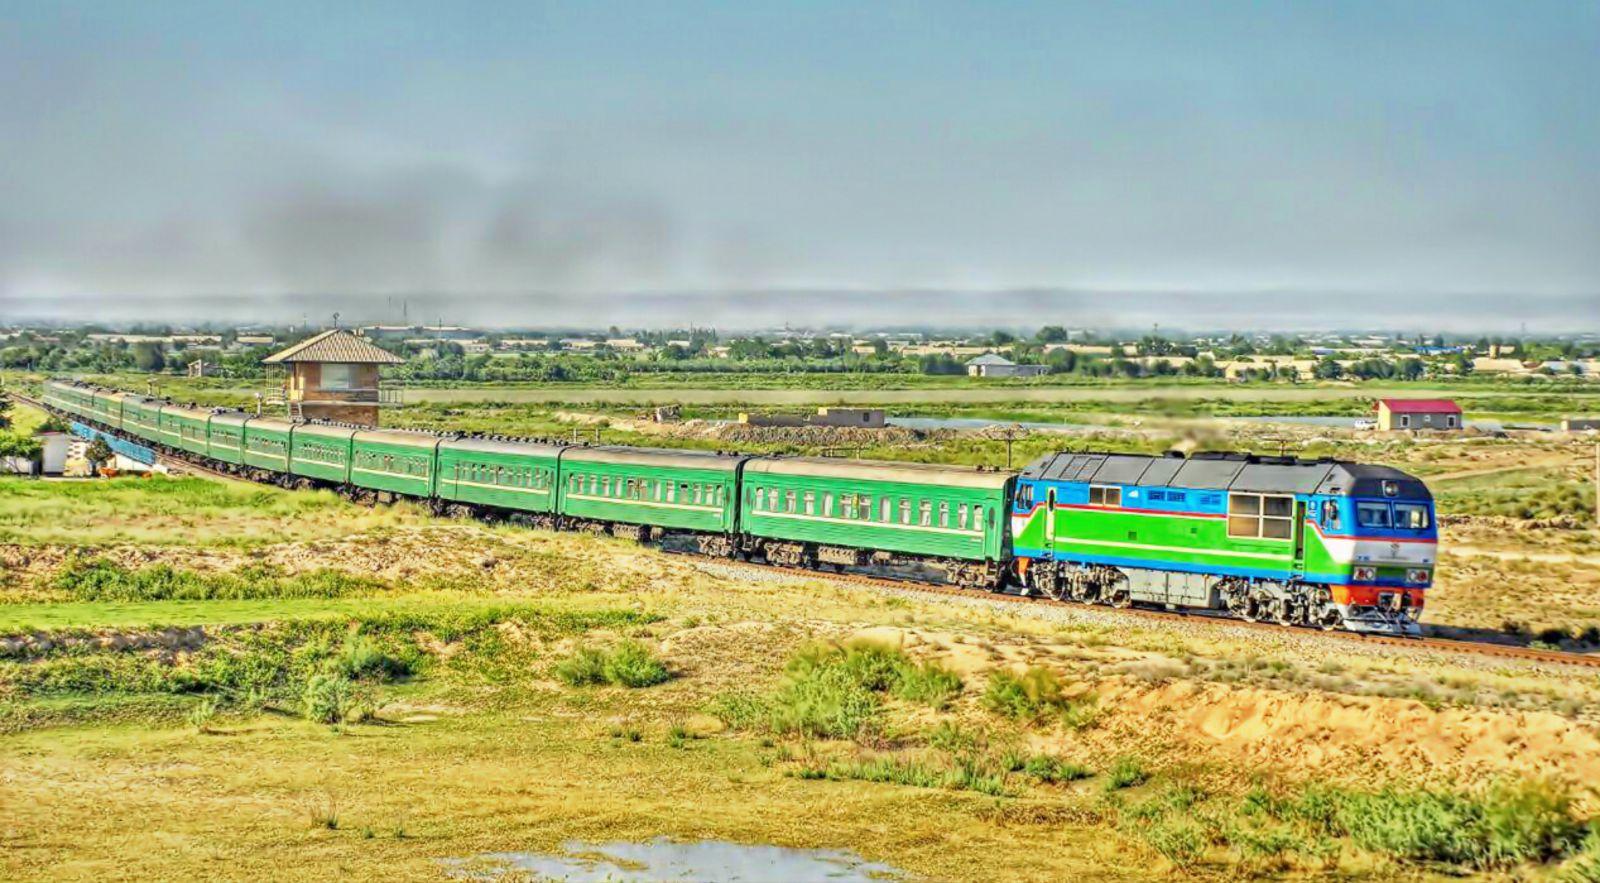 Поезд 319/320 сообщением Москва - Душанбе, тепловоз ТЭП70БС-184, Узбекистан, Навоийская область